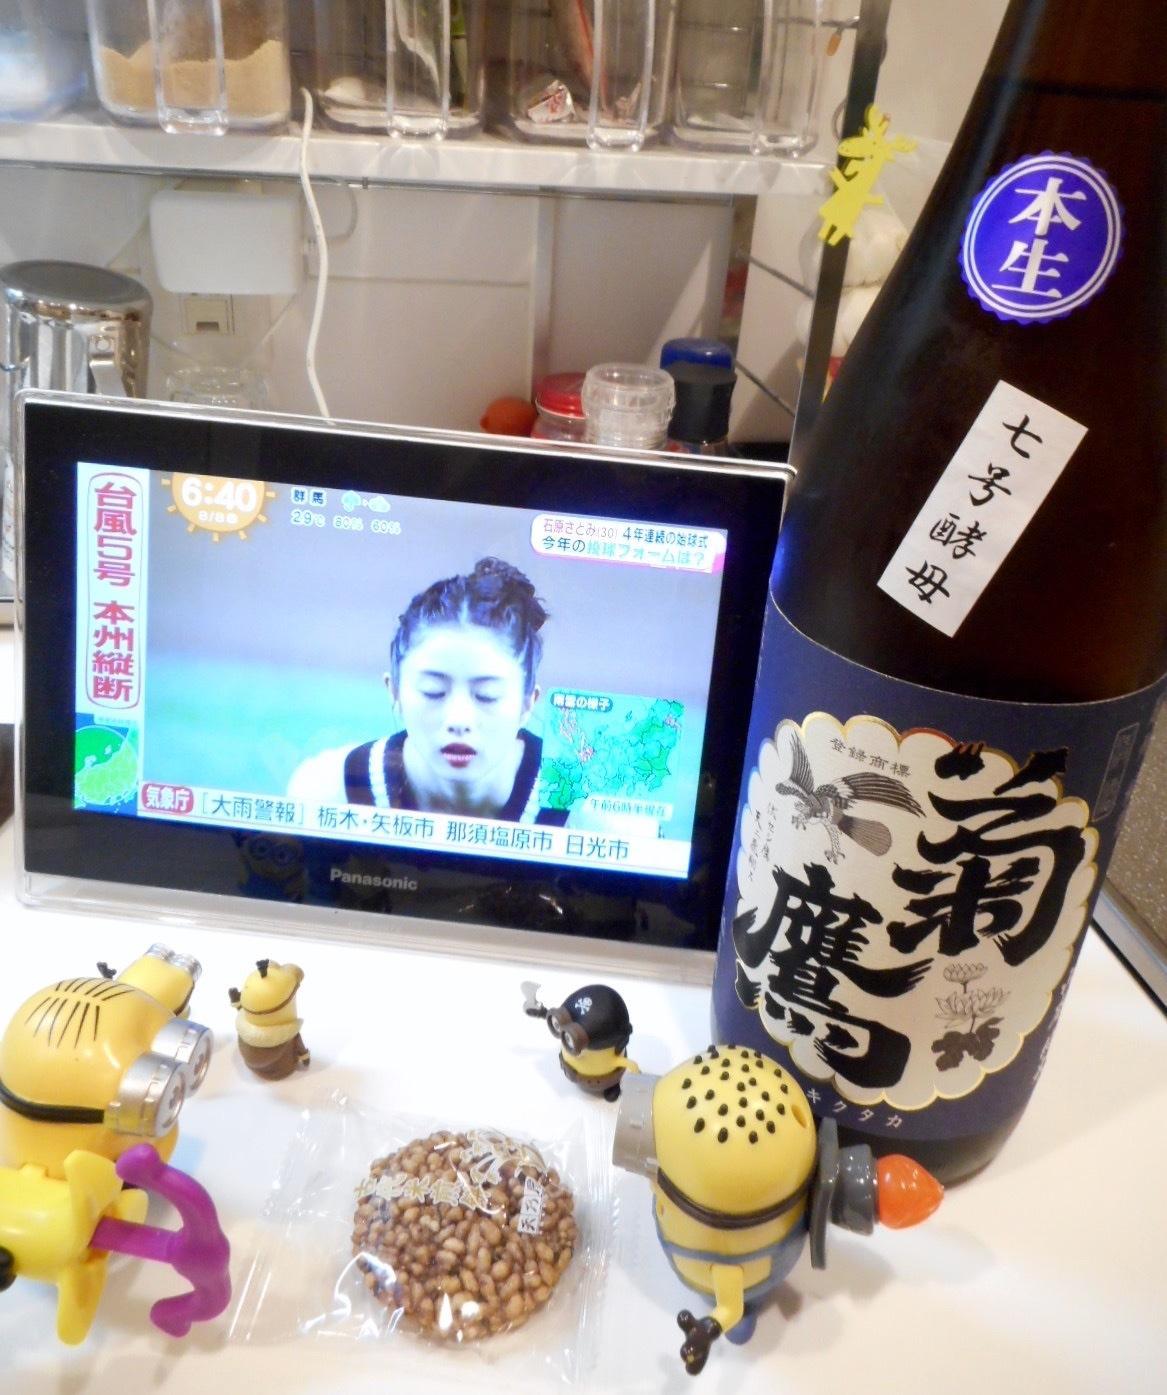 kikutaka_shifuku_nama27by3.jpg